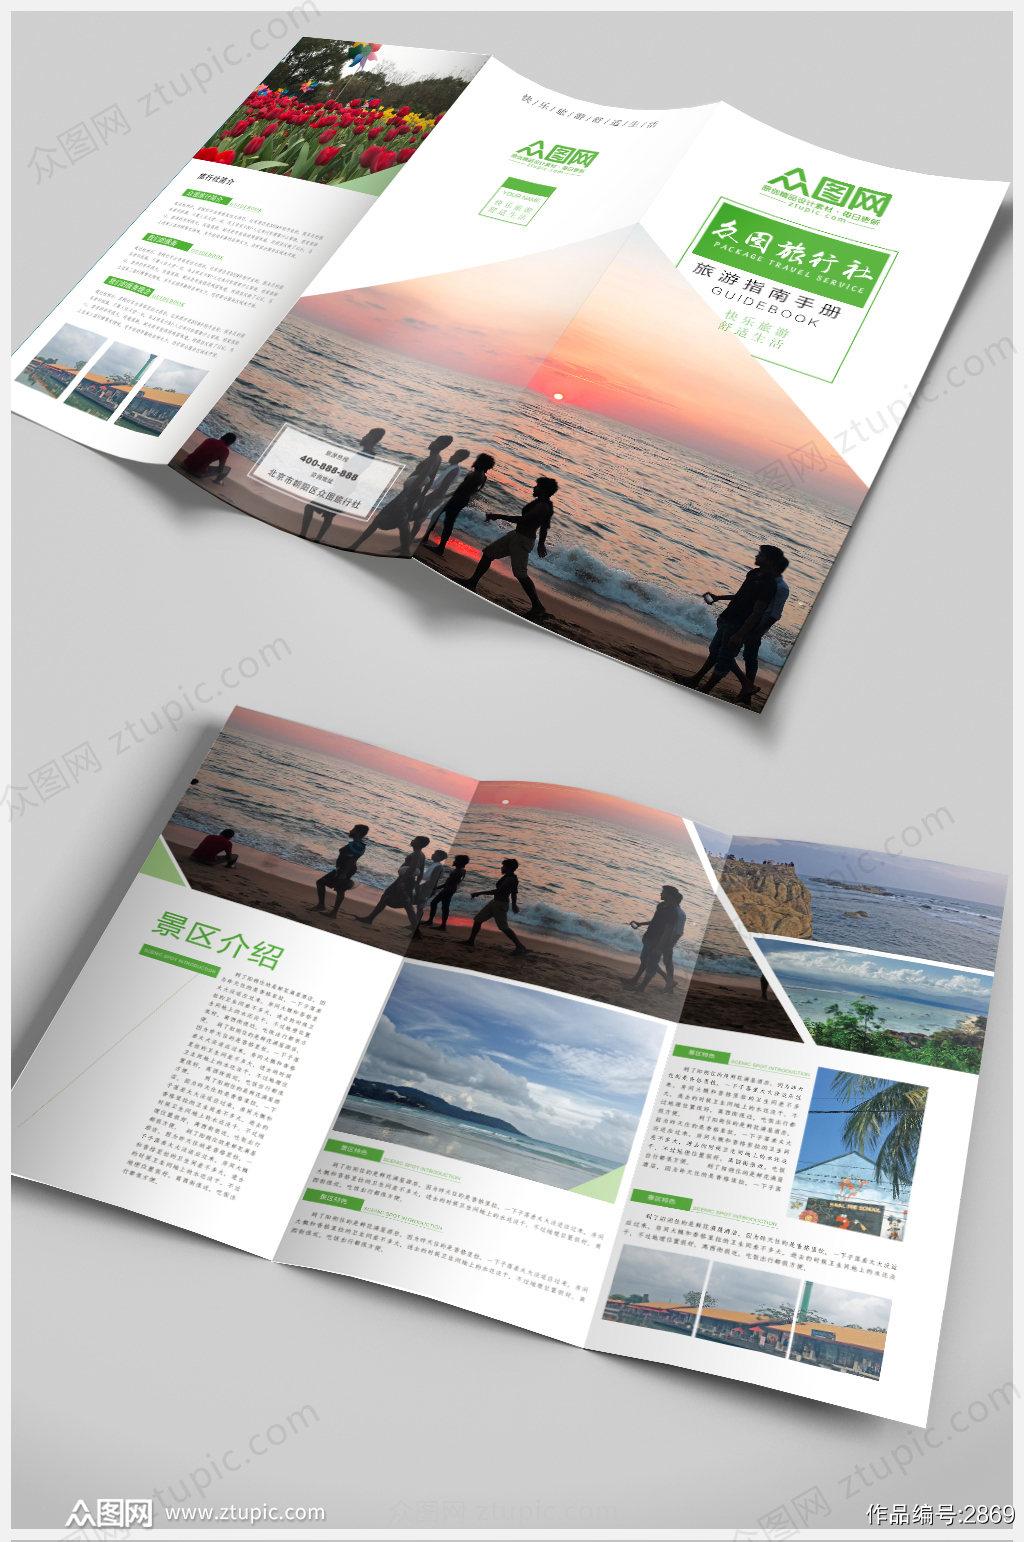 时尚景区风景旅游宣传三折页素材